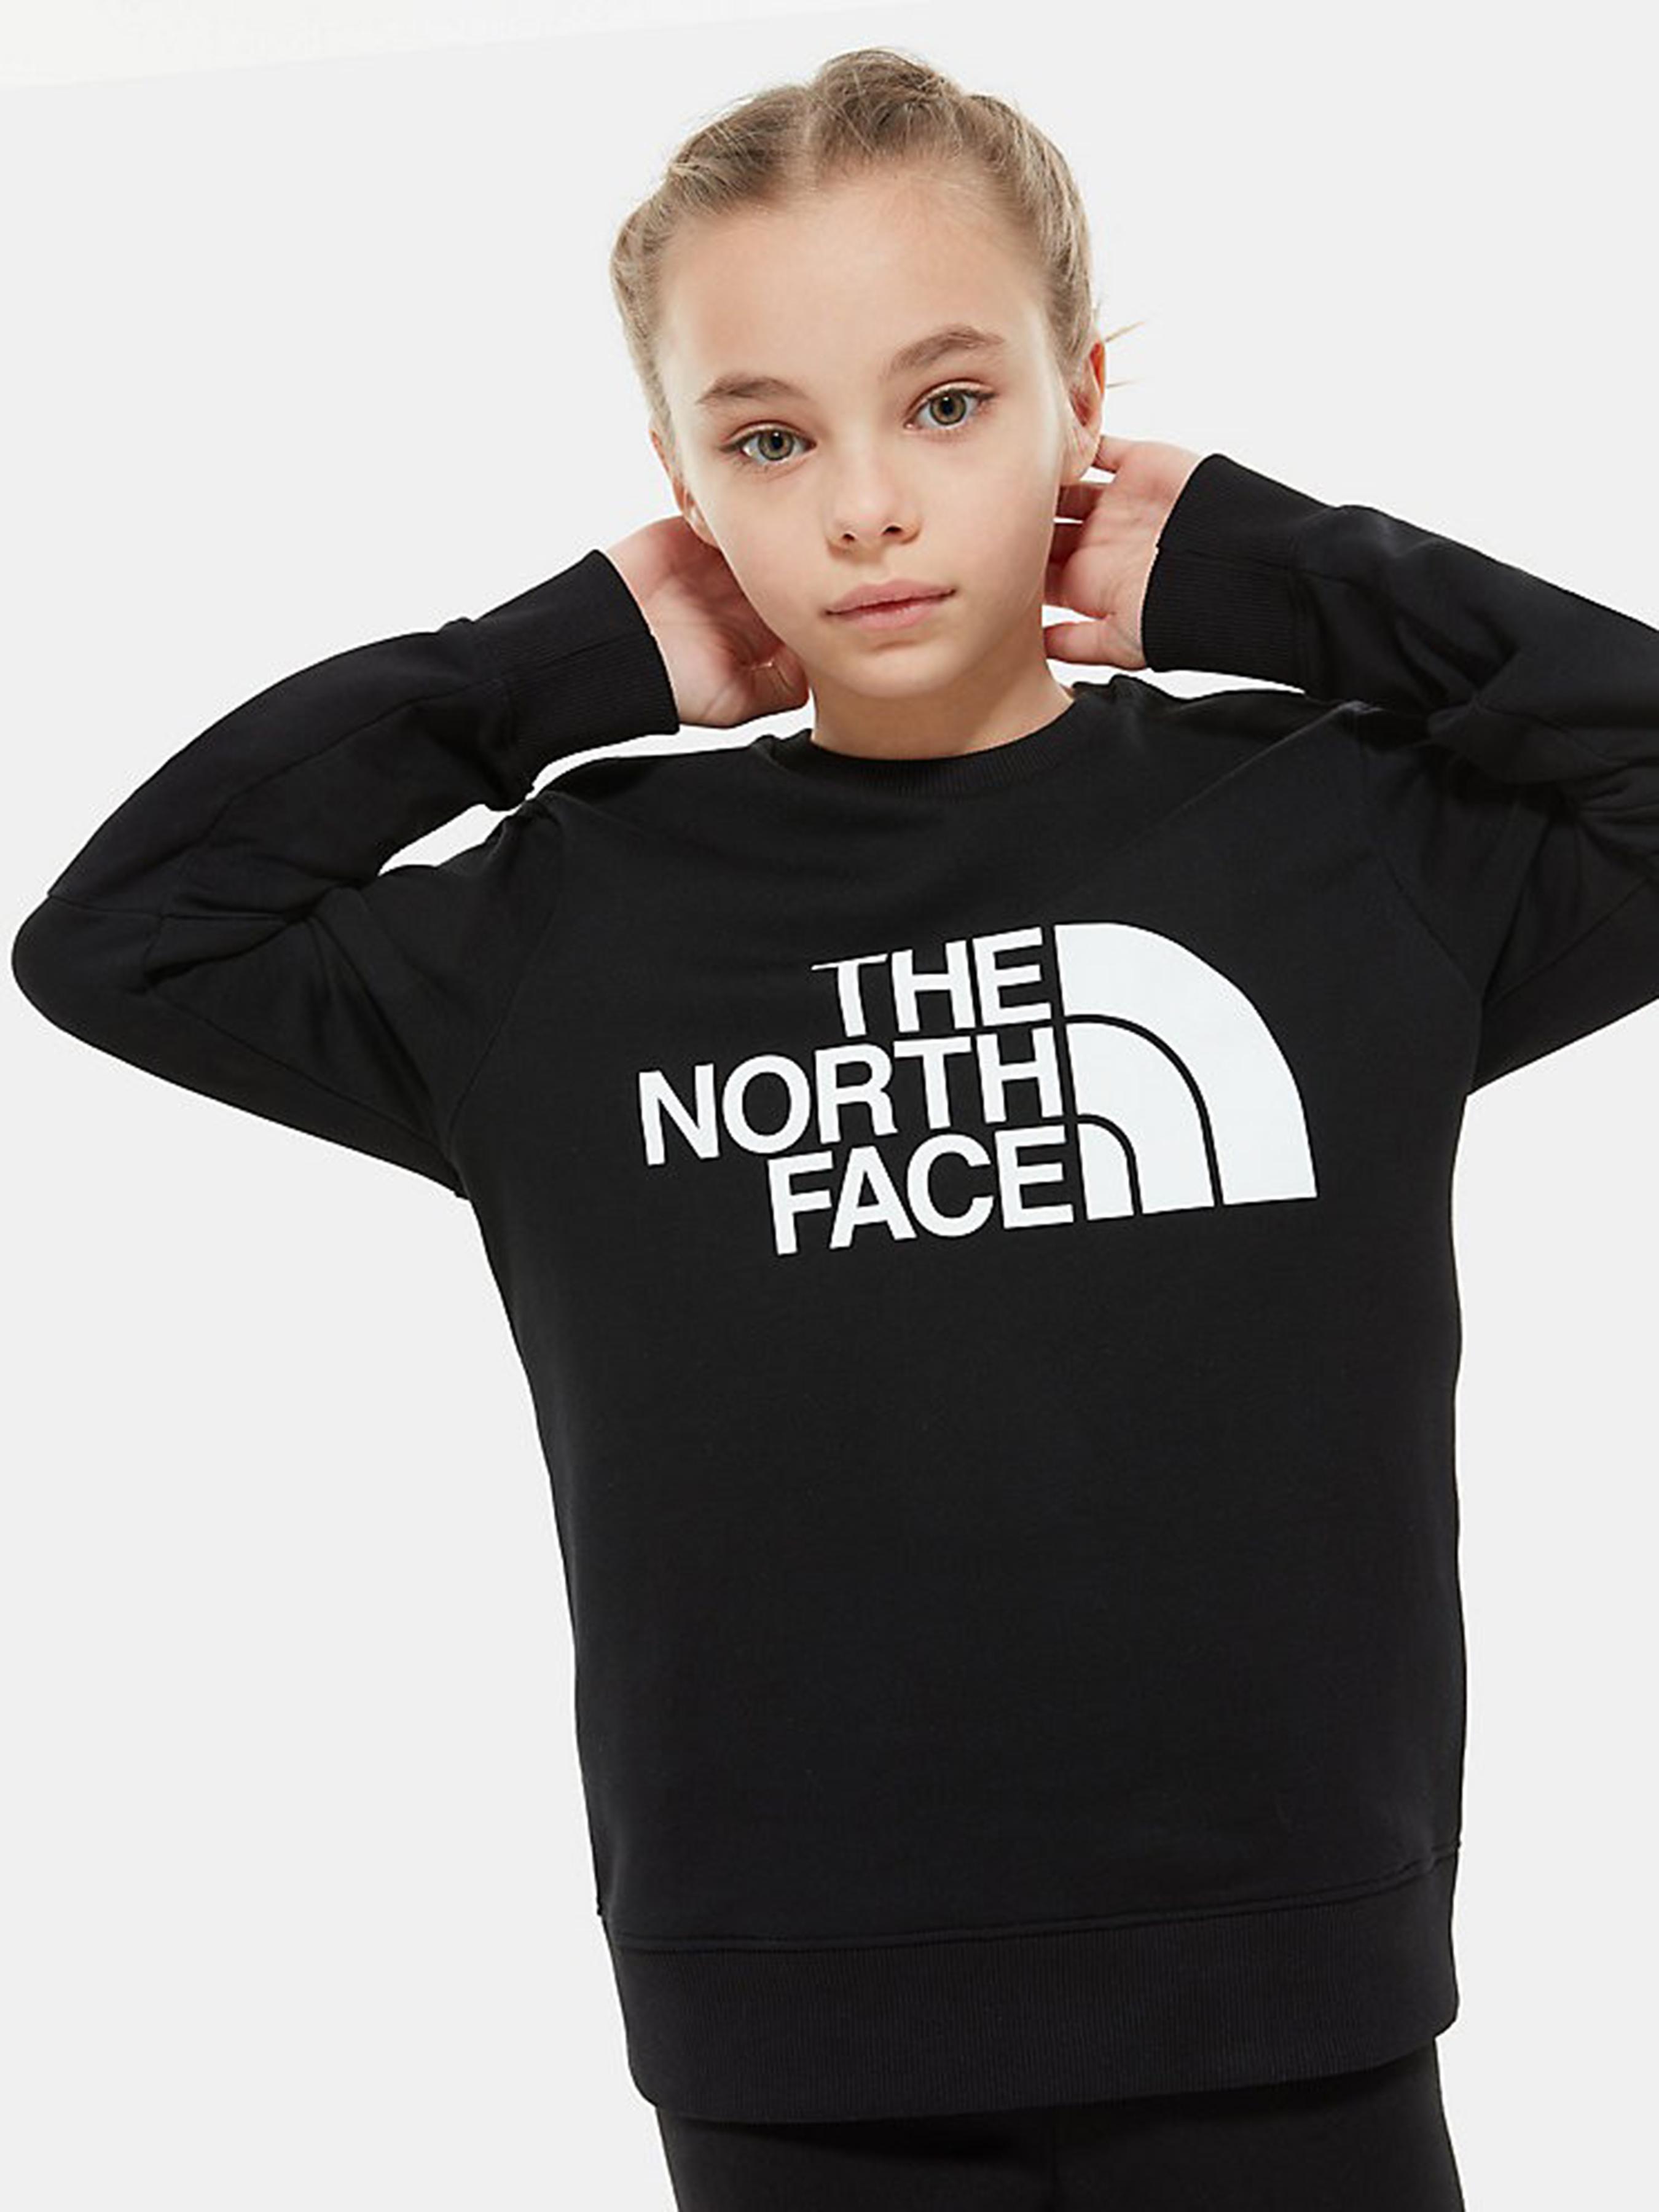 Кофты и свитера детские The North Face модель 7Y133 приобрести, 2017